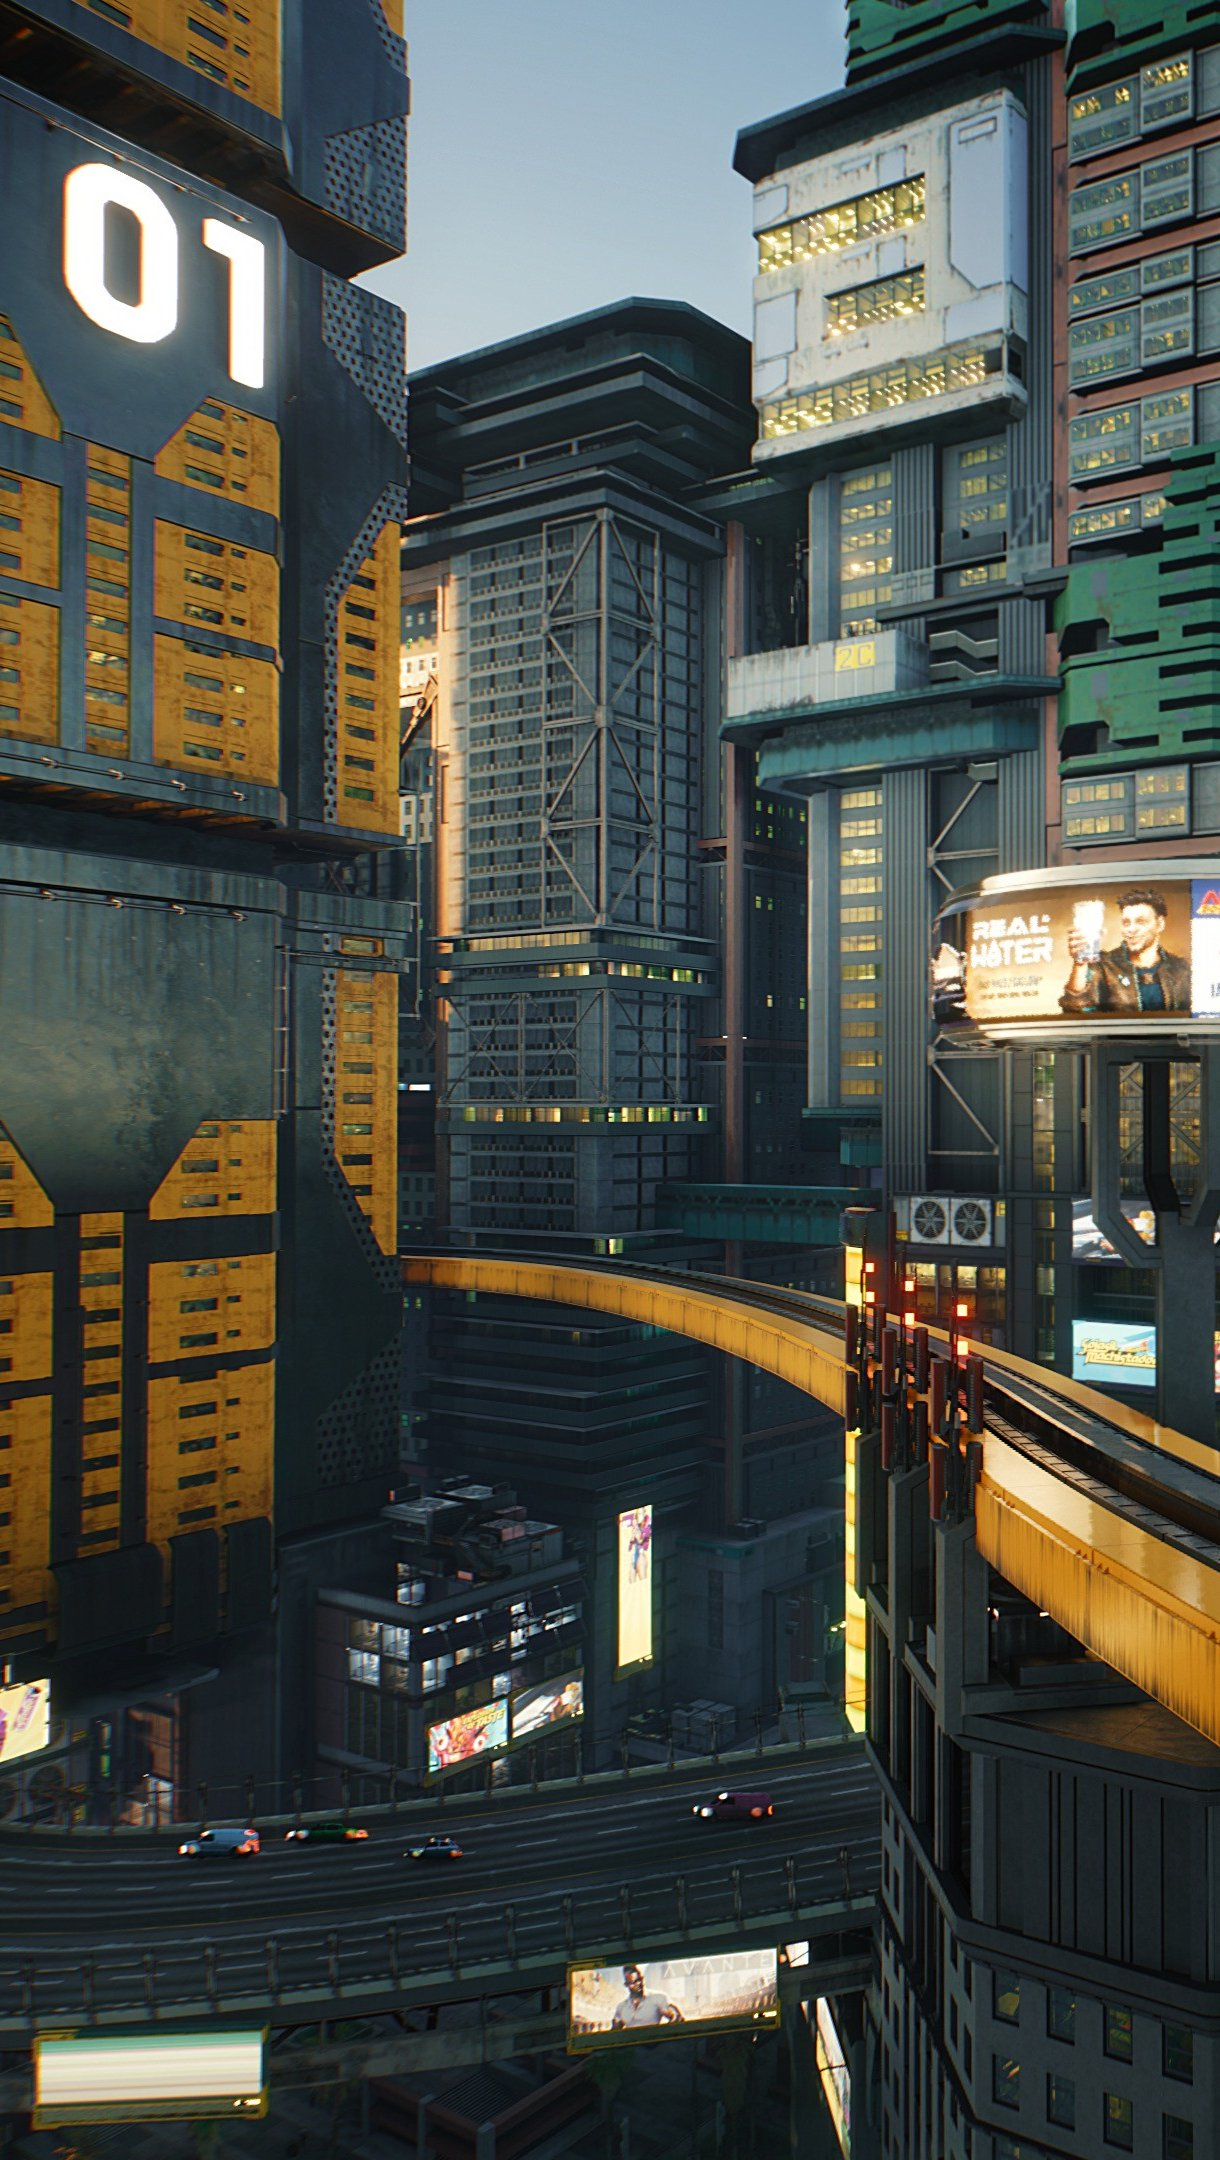 Wallpaper Cyberpunk 2077 City Buildings Vertical